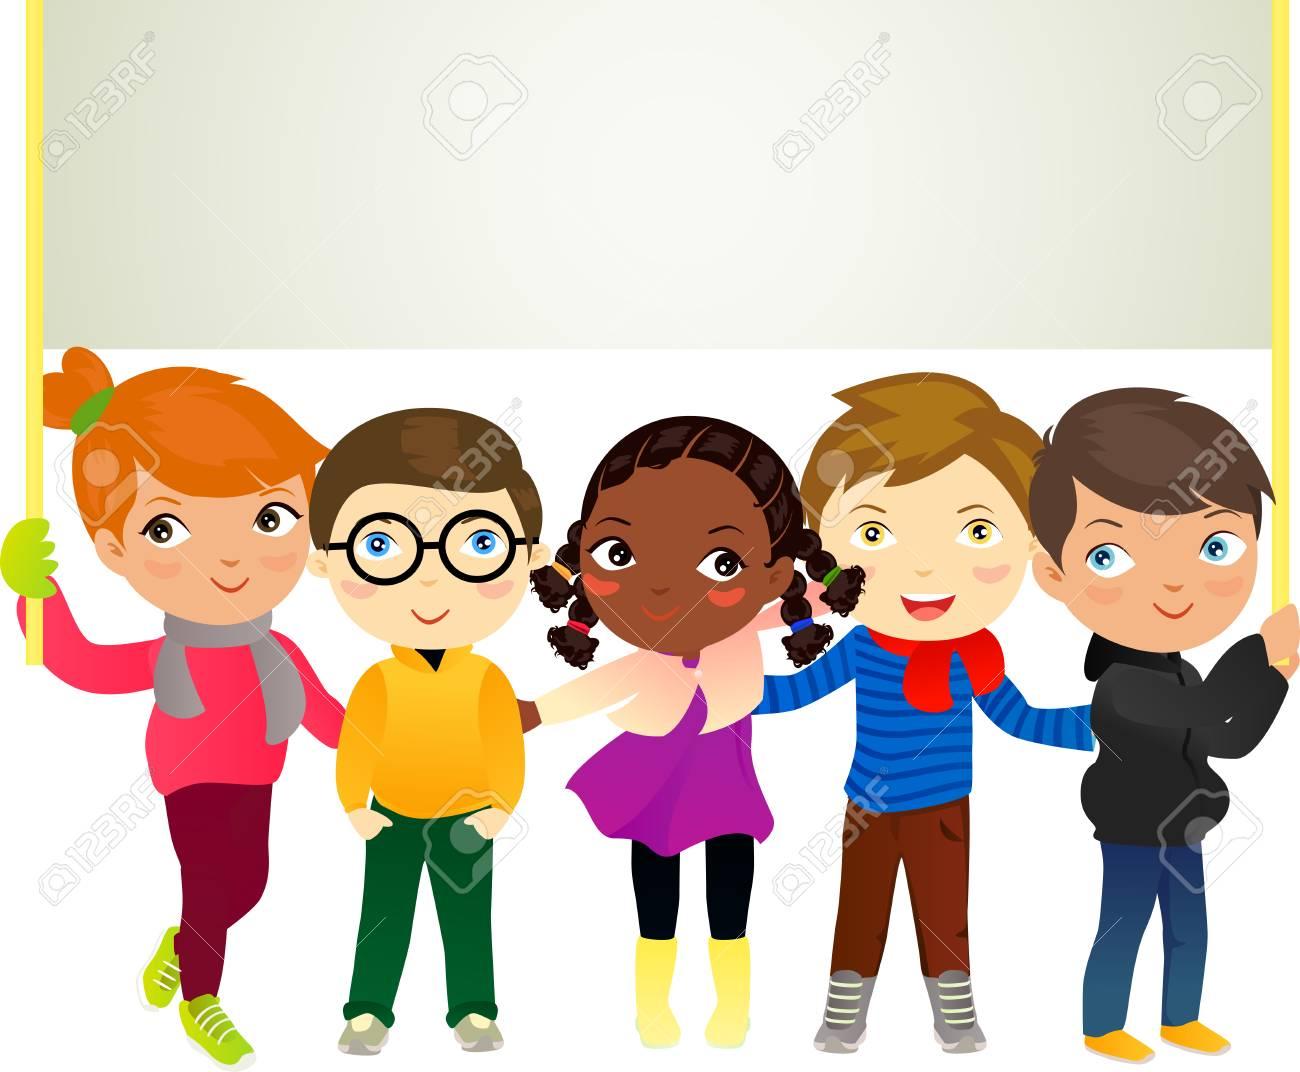 Groupe D Enfants Avec La Banniere Clip Art Libres De Droits Vecteurs Et Illustration Image 47181273